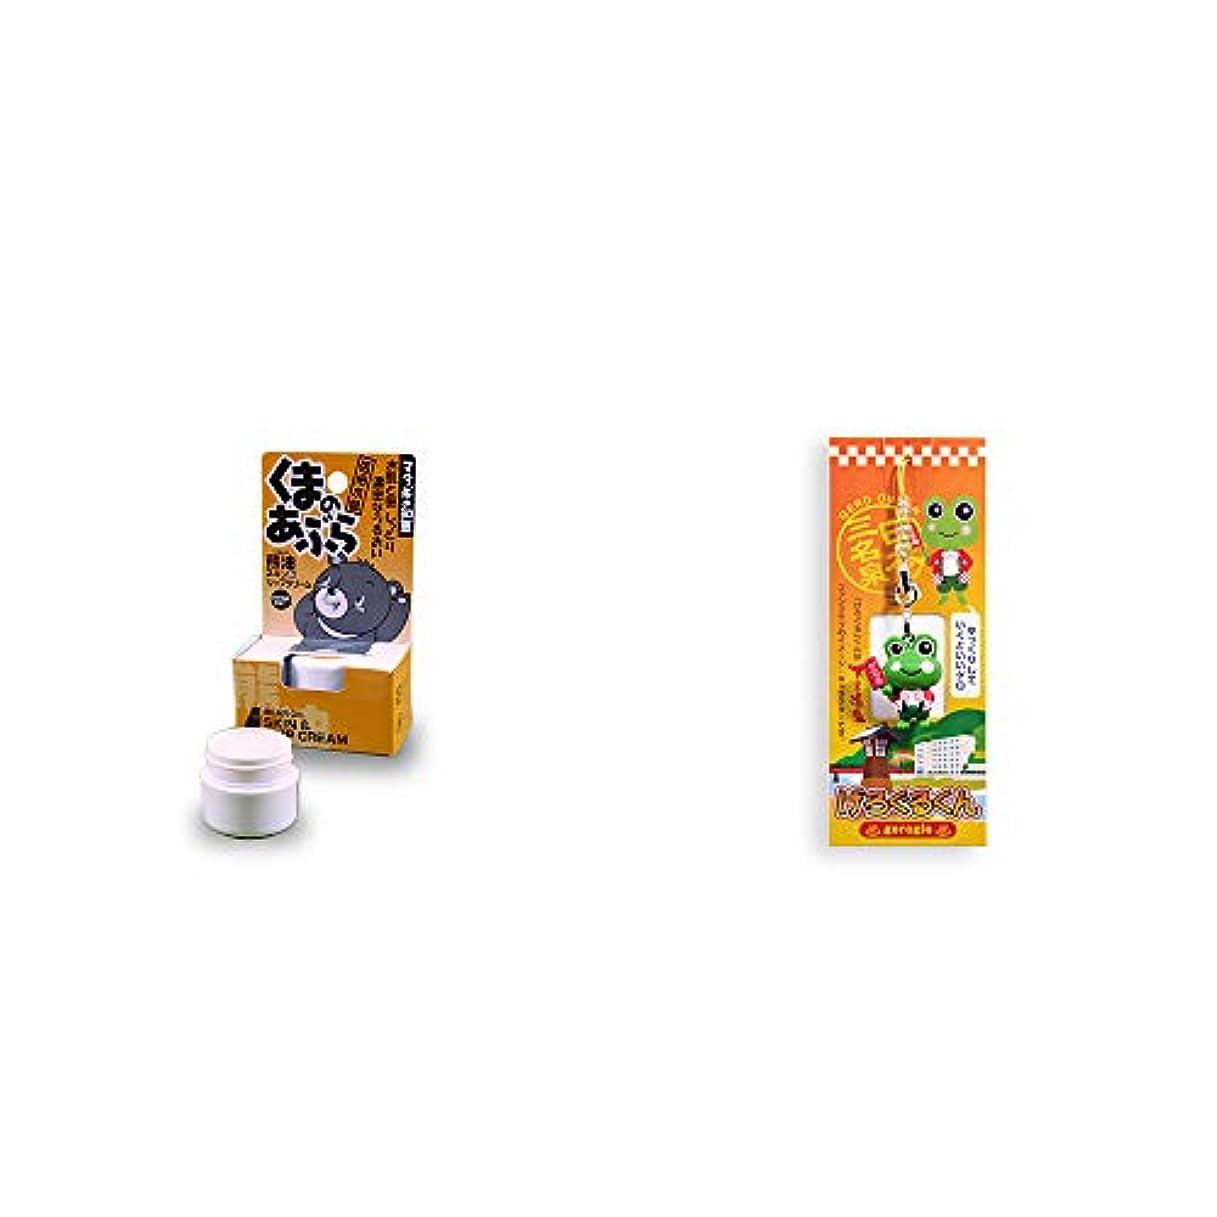 に沿って浮く[2点セット] 信州木曽 くまのあぶら 熊油スキン&リップクリーム(9g)?下呂温泉ファンクラブのイメージキャラクター げろぐるくんストラップ